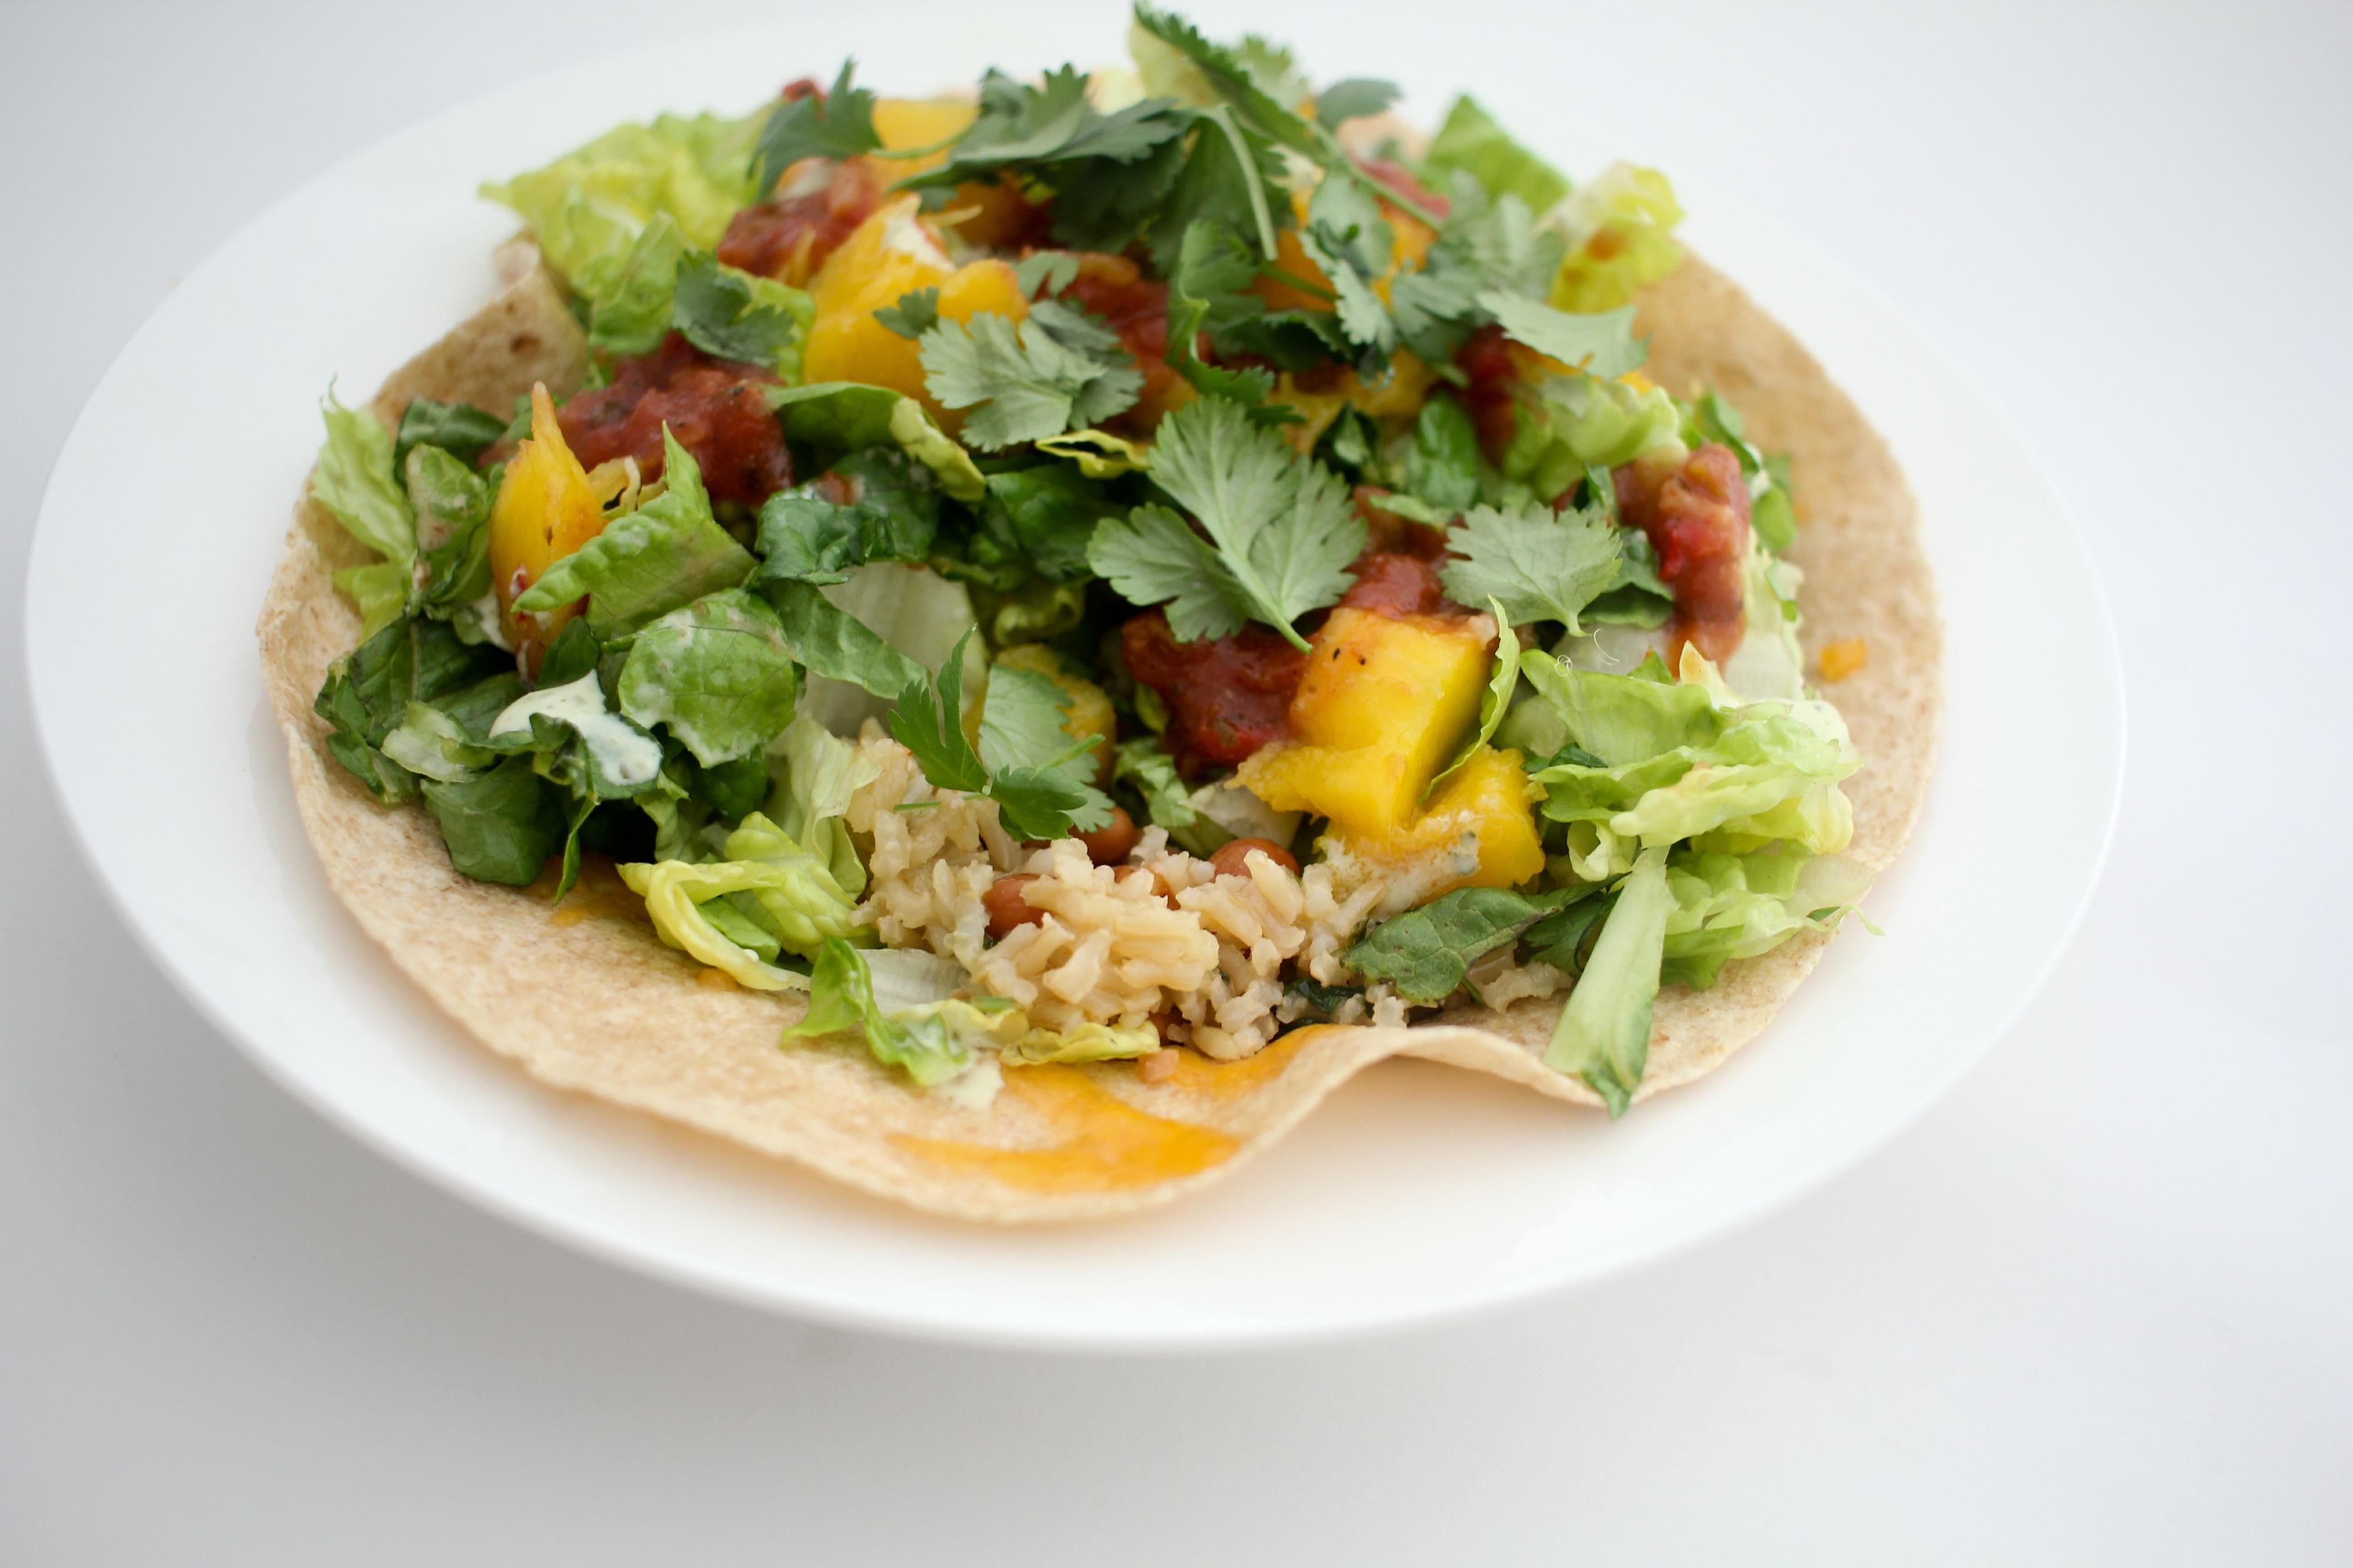 VEGETARIAN 30 day meal plan